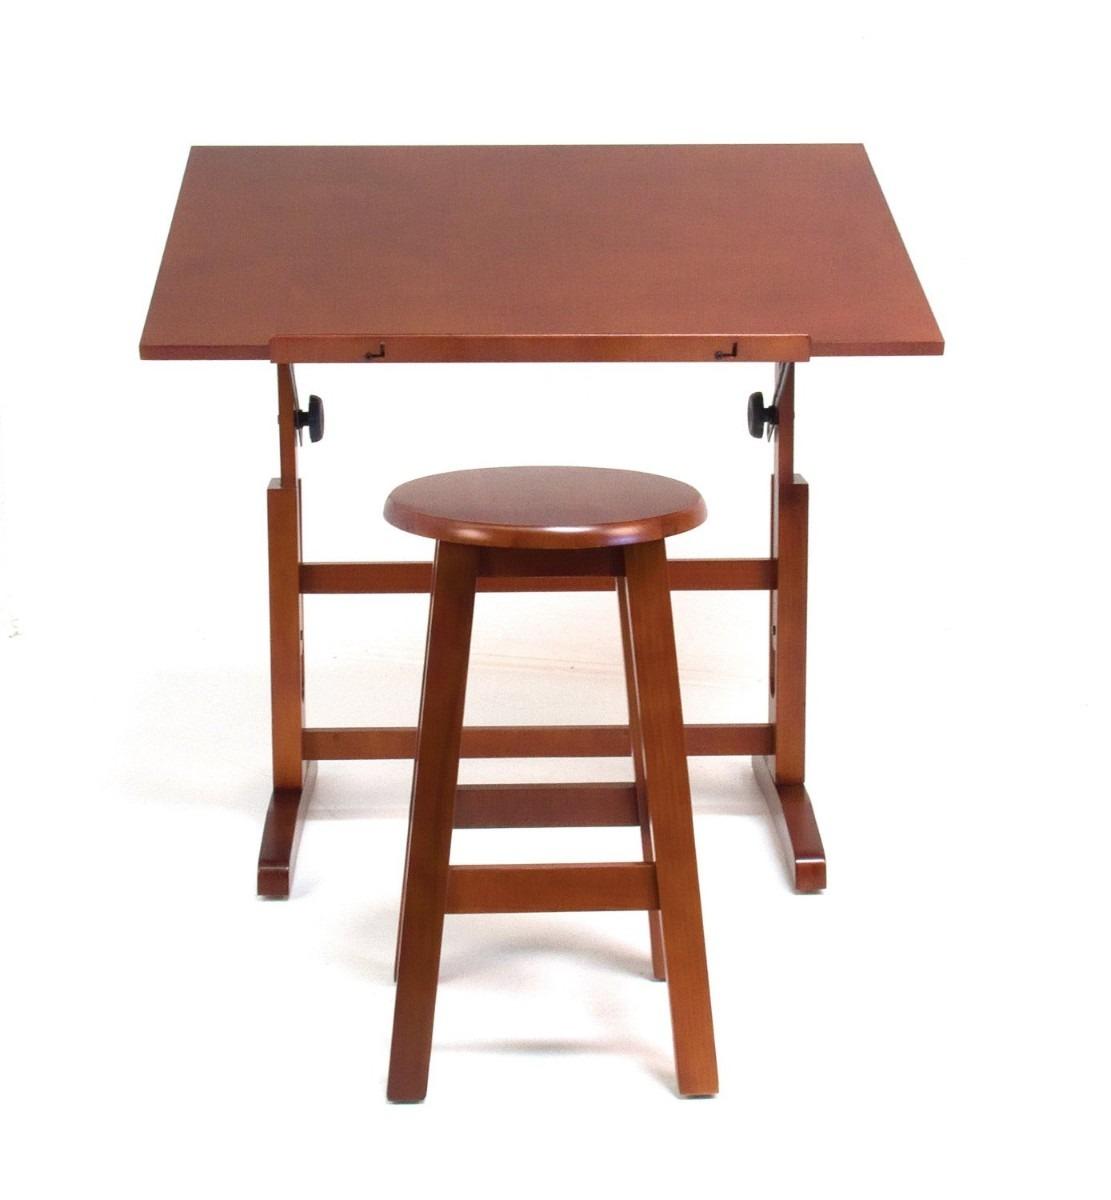 Mesa para dibujo artistico con silla escritorio dibujar for Costo de sillas para escritorio